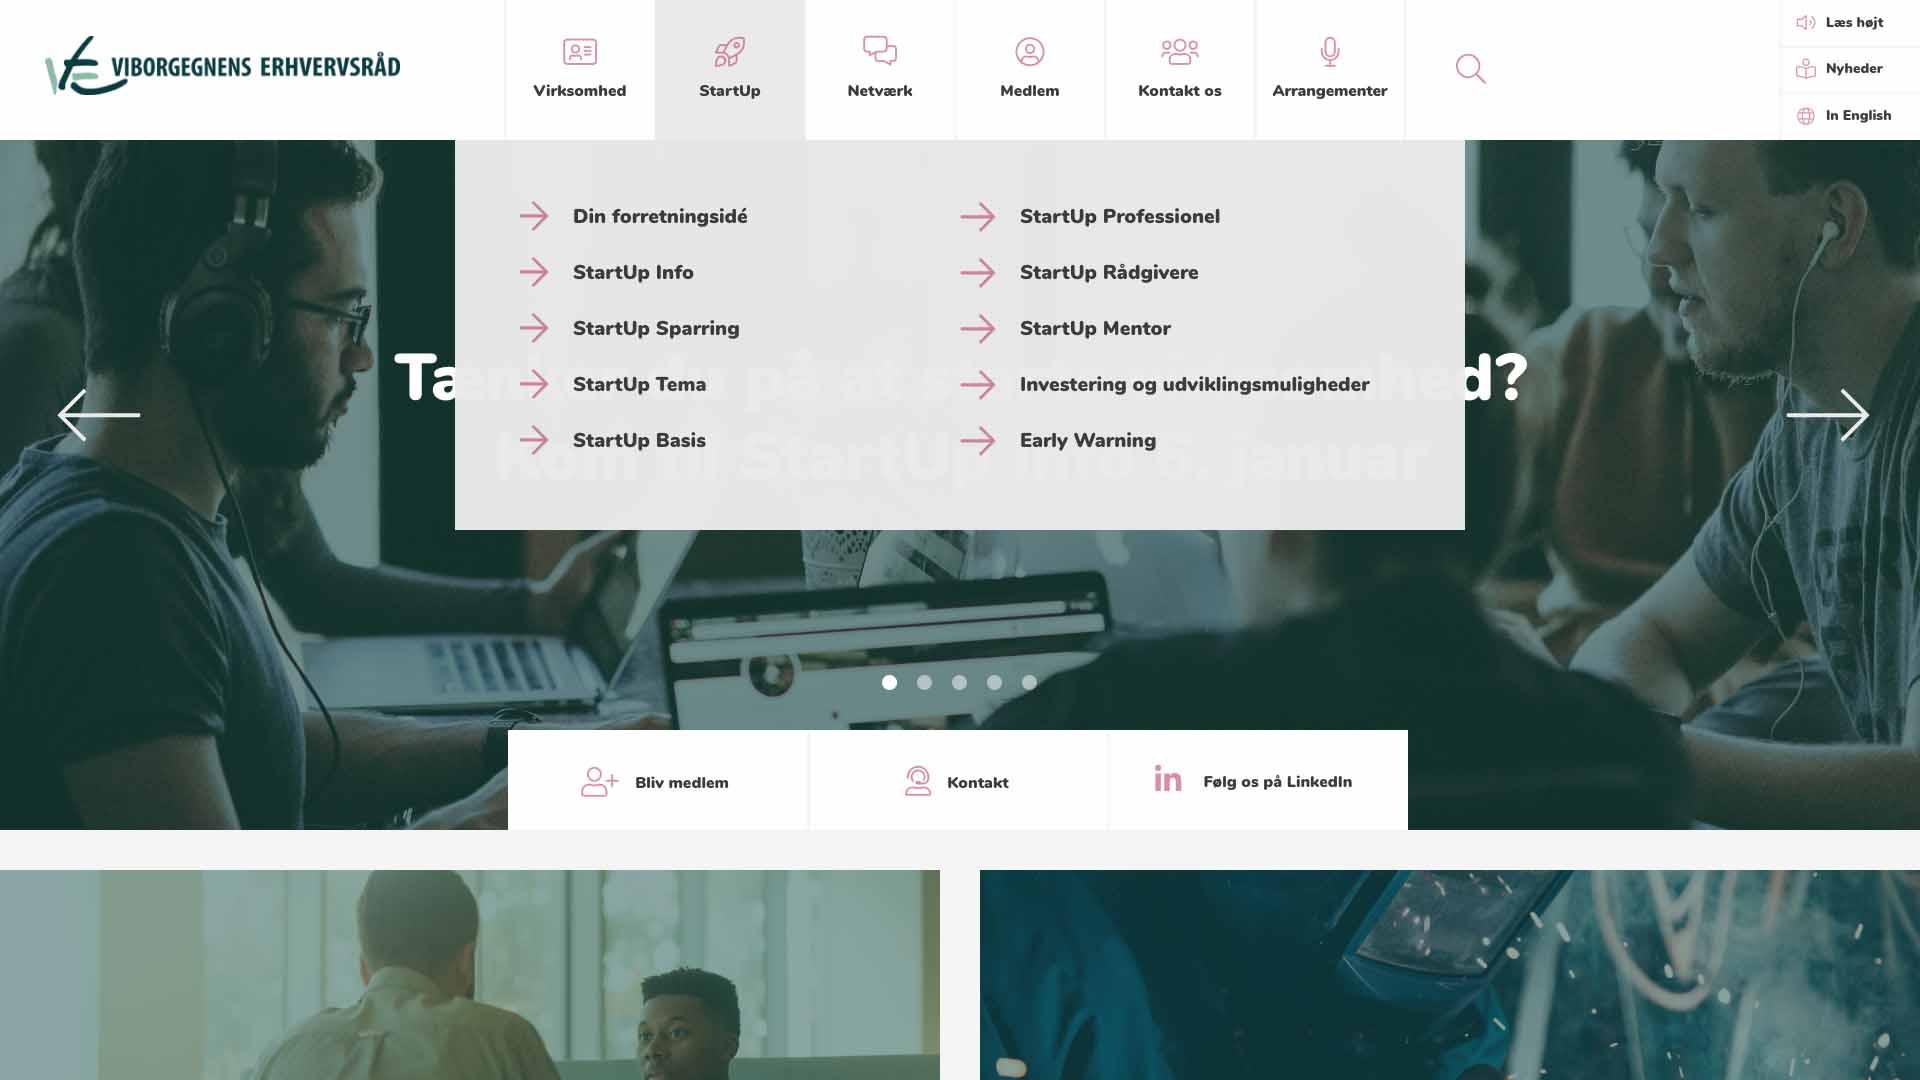 Billede der viser design på navigation på Viborgegnens Erhvervsråds nye hjemmeside